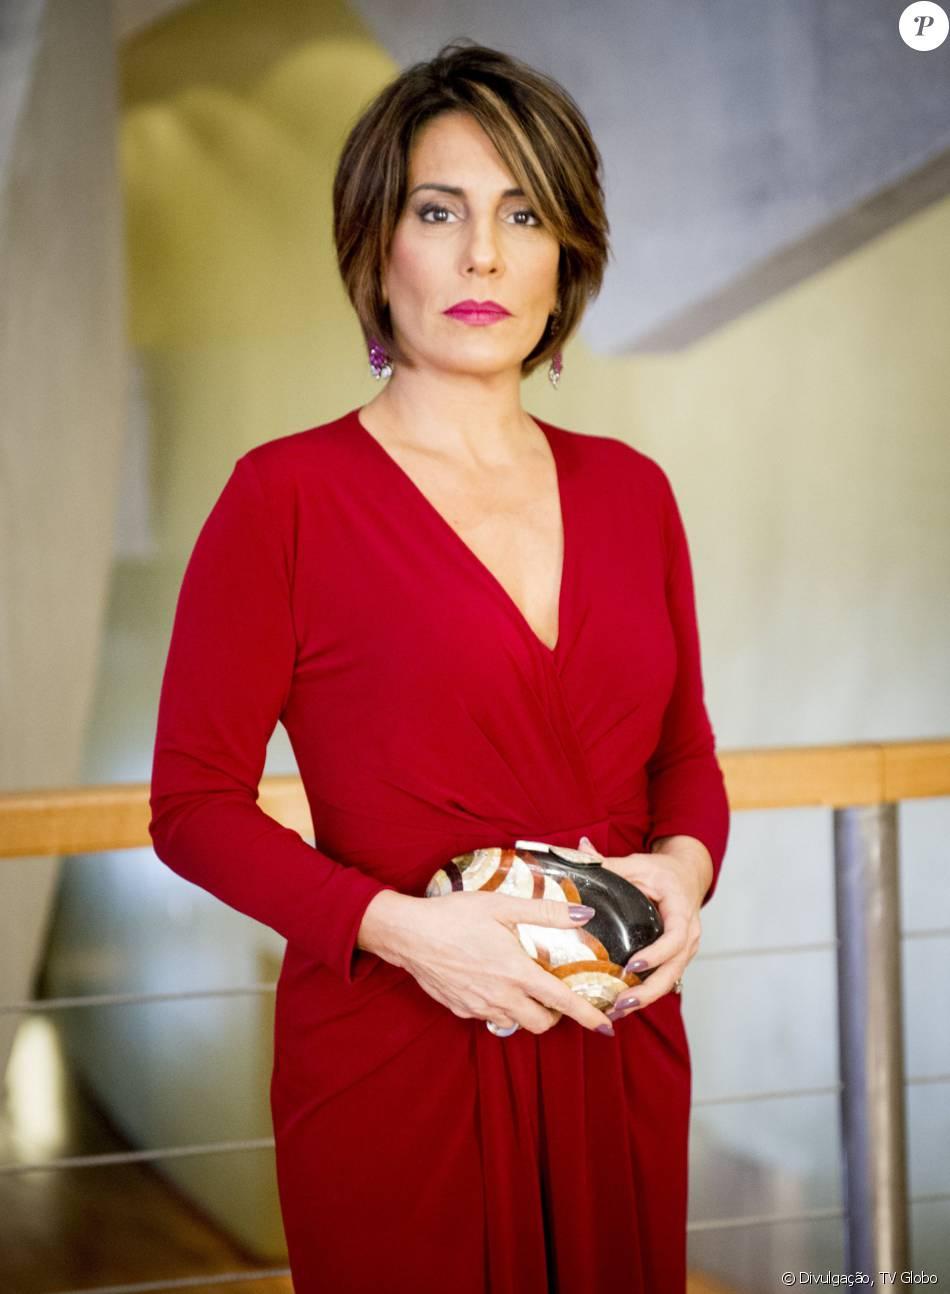 Assessoria da Rede Globo afirma que Gloria Pires não recebeu cachê para ser comentarista do Oscar